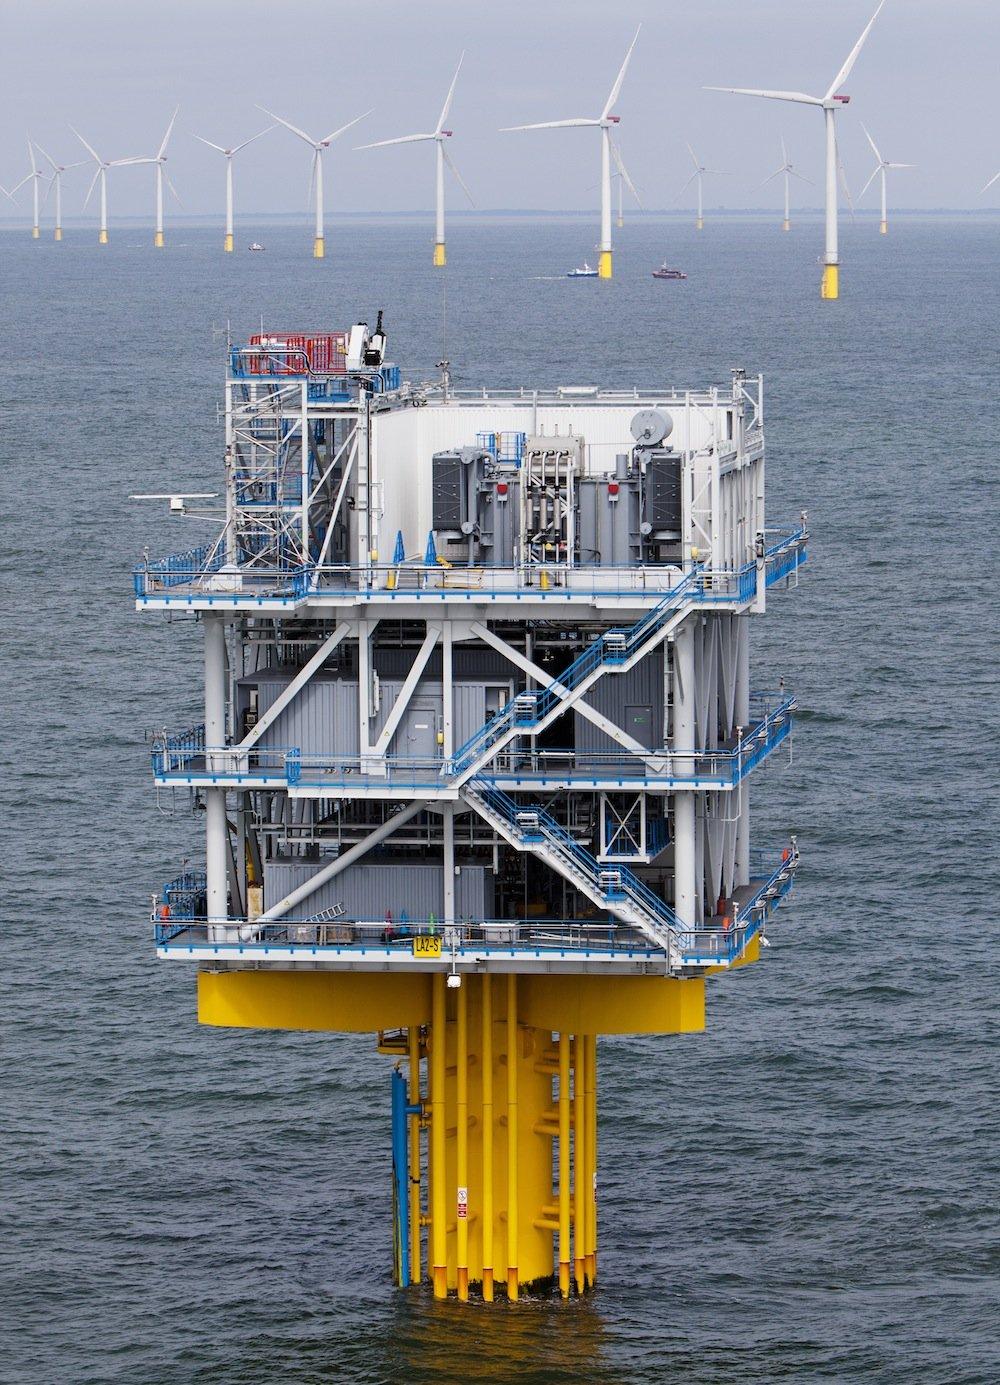 Zur Anbindung des Windparks hat Siemens zwei Offshore-Umspannstationen in der Nordsee und eine Umspannstation an Land in Cleve Hill errichtet. Der erzeugte Strom wird auf See gebündelt und mit einem Hochleistungsseekabel an Land transportiert.